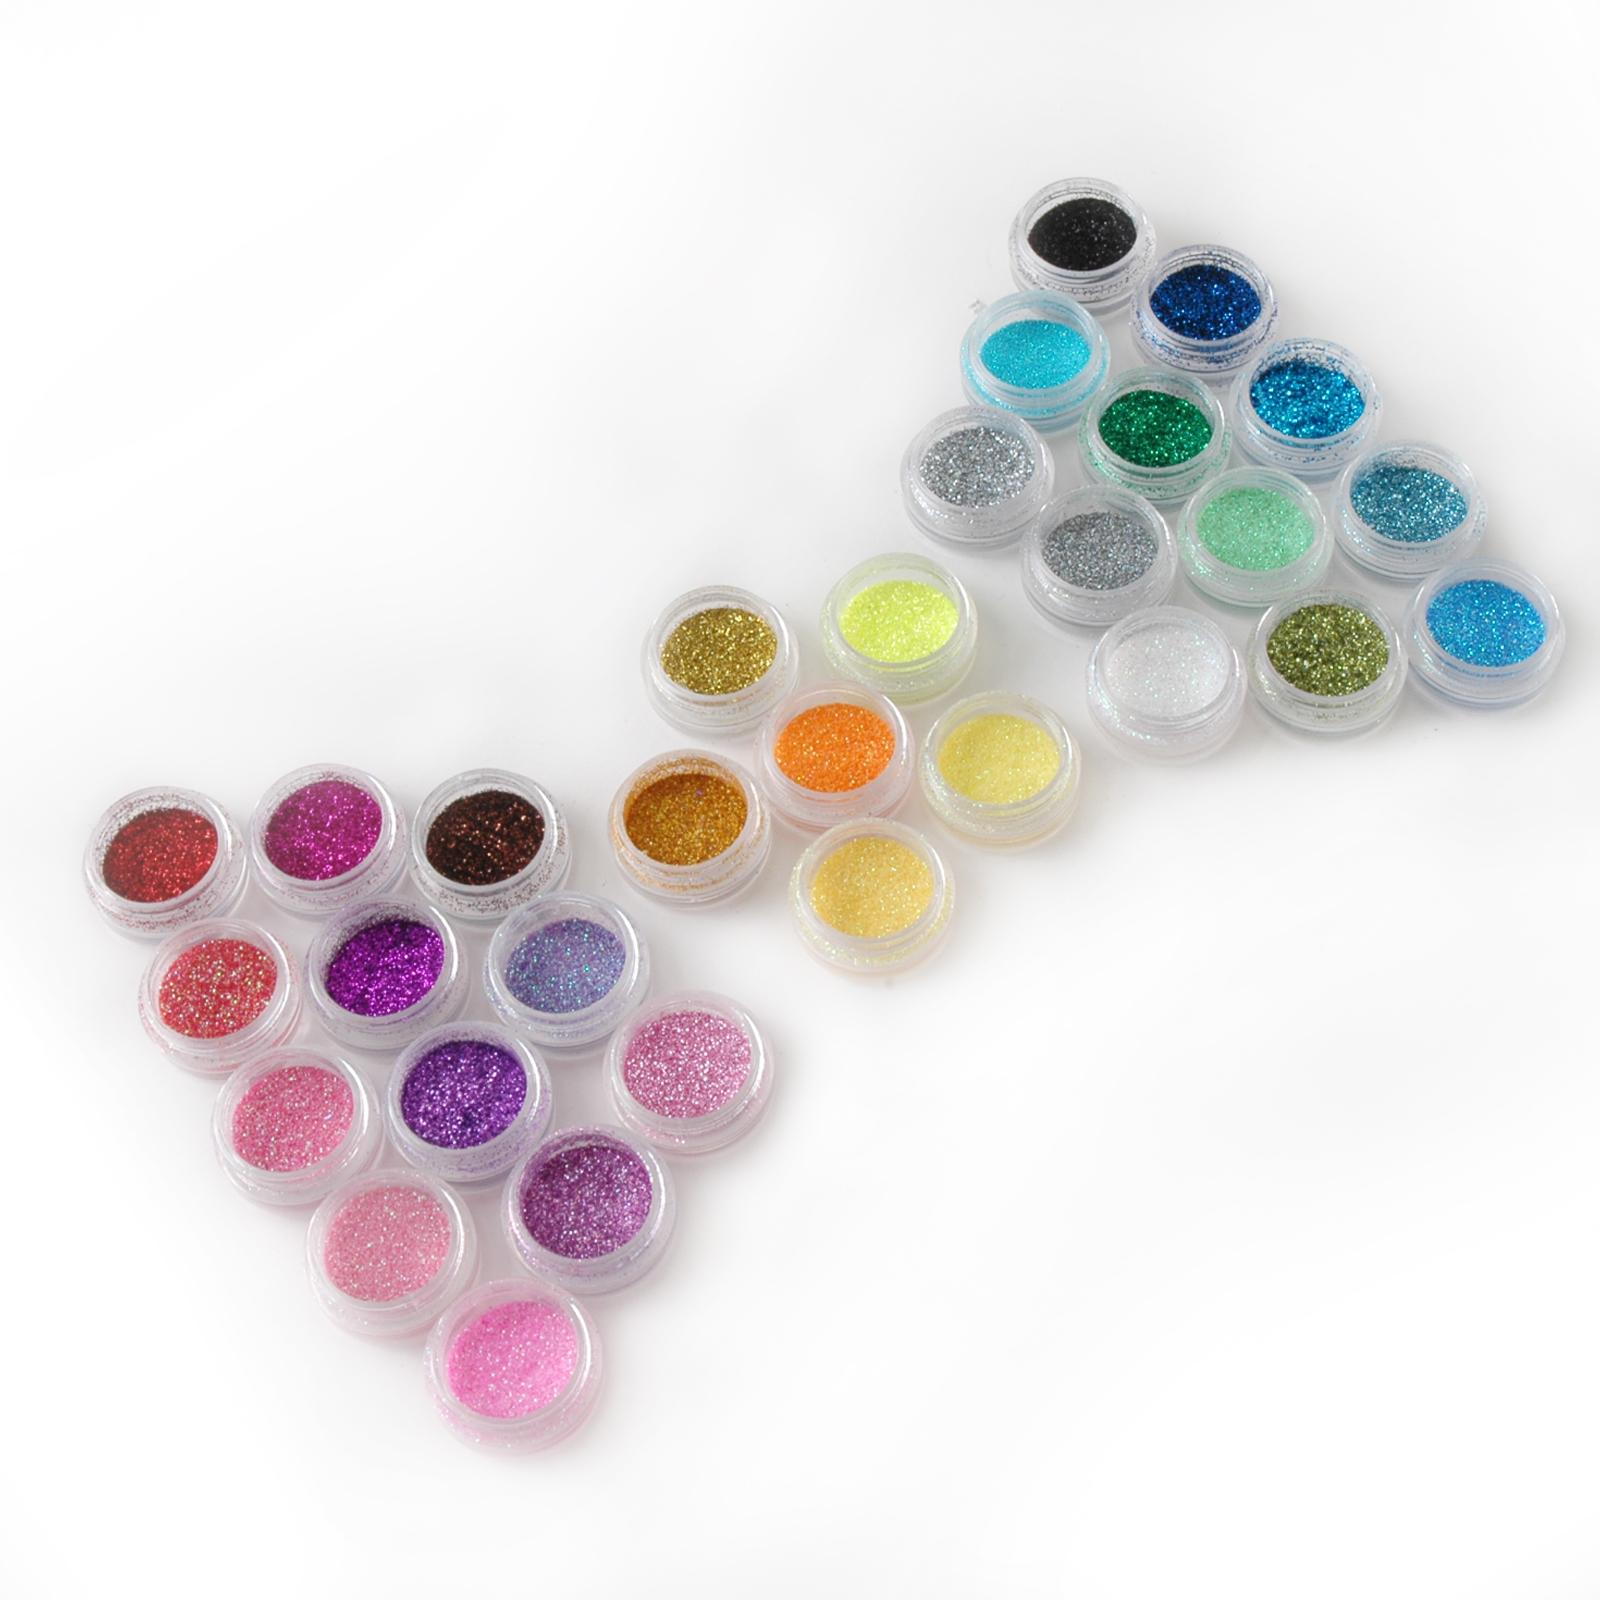 30x glitter glimmer glitzer pulver puder glitterstaub nageldesign ebay. Black Bedroom Furniture Sets. Home Design Ideas